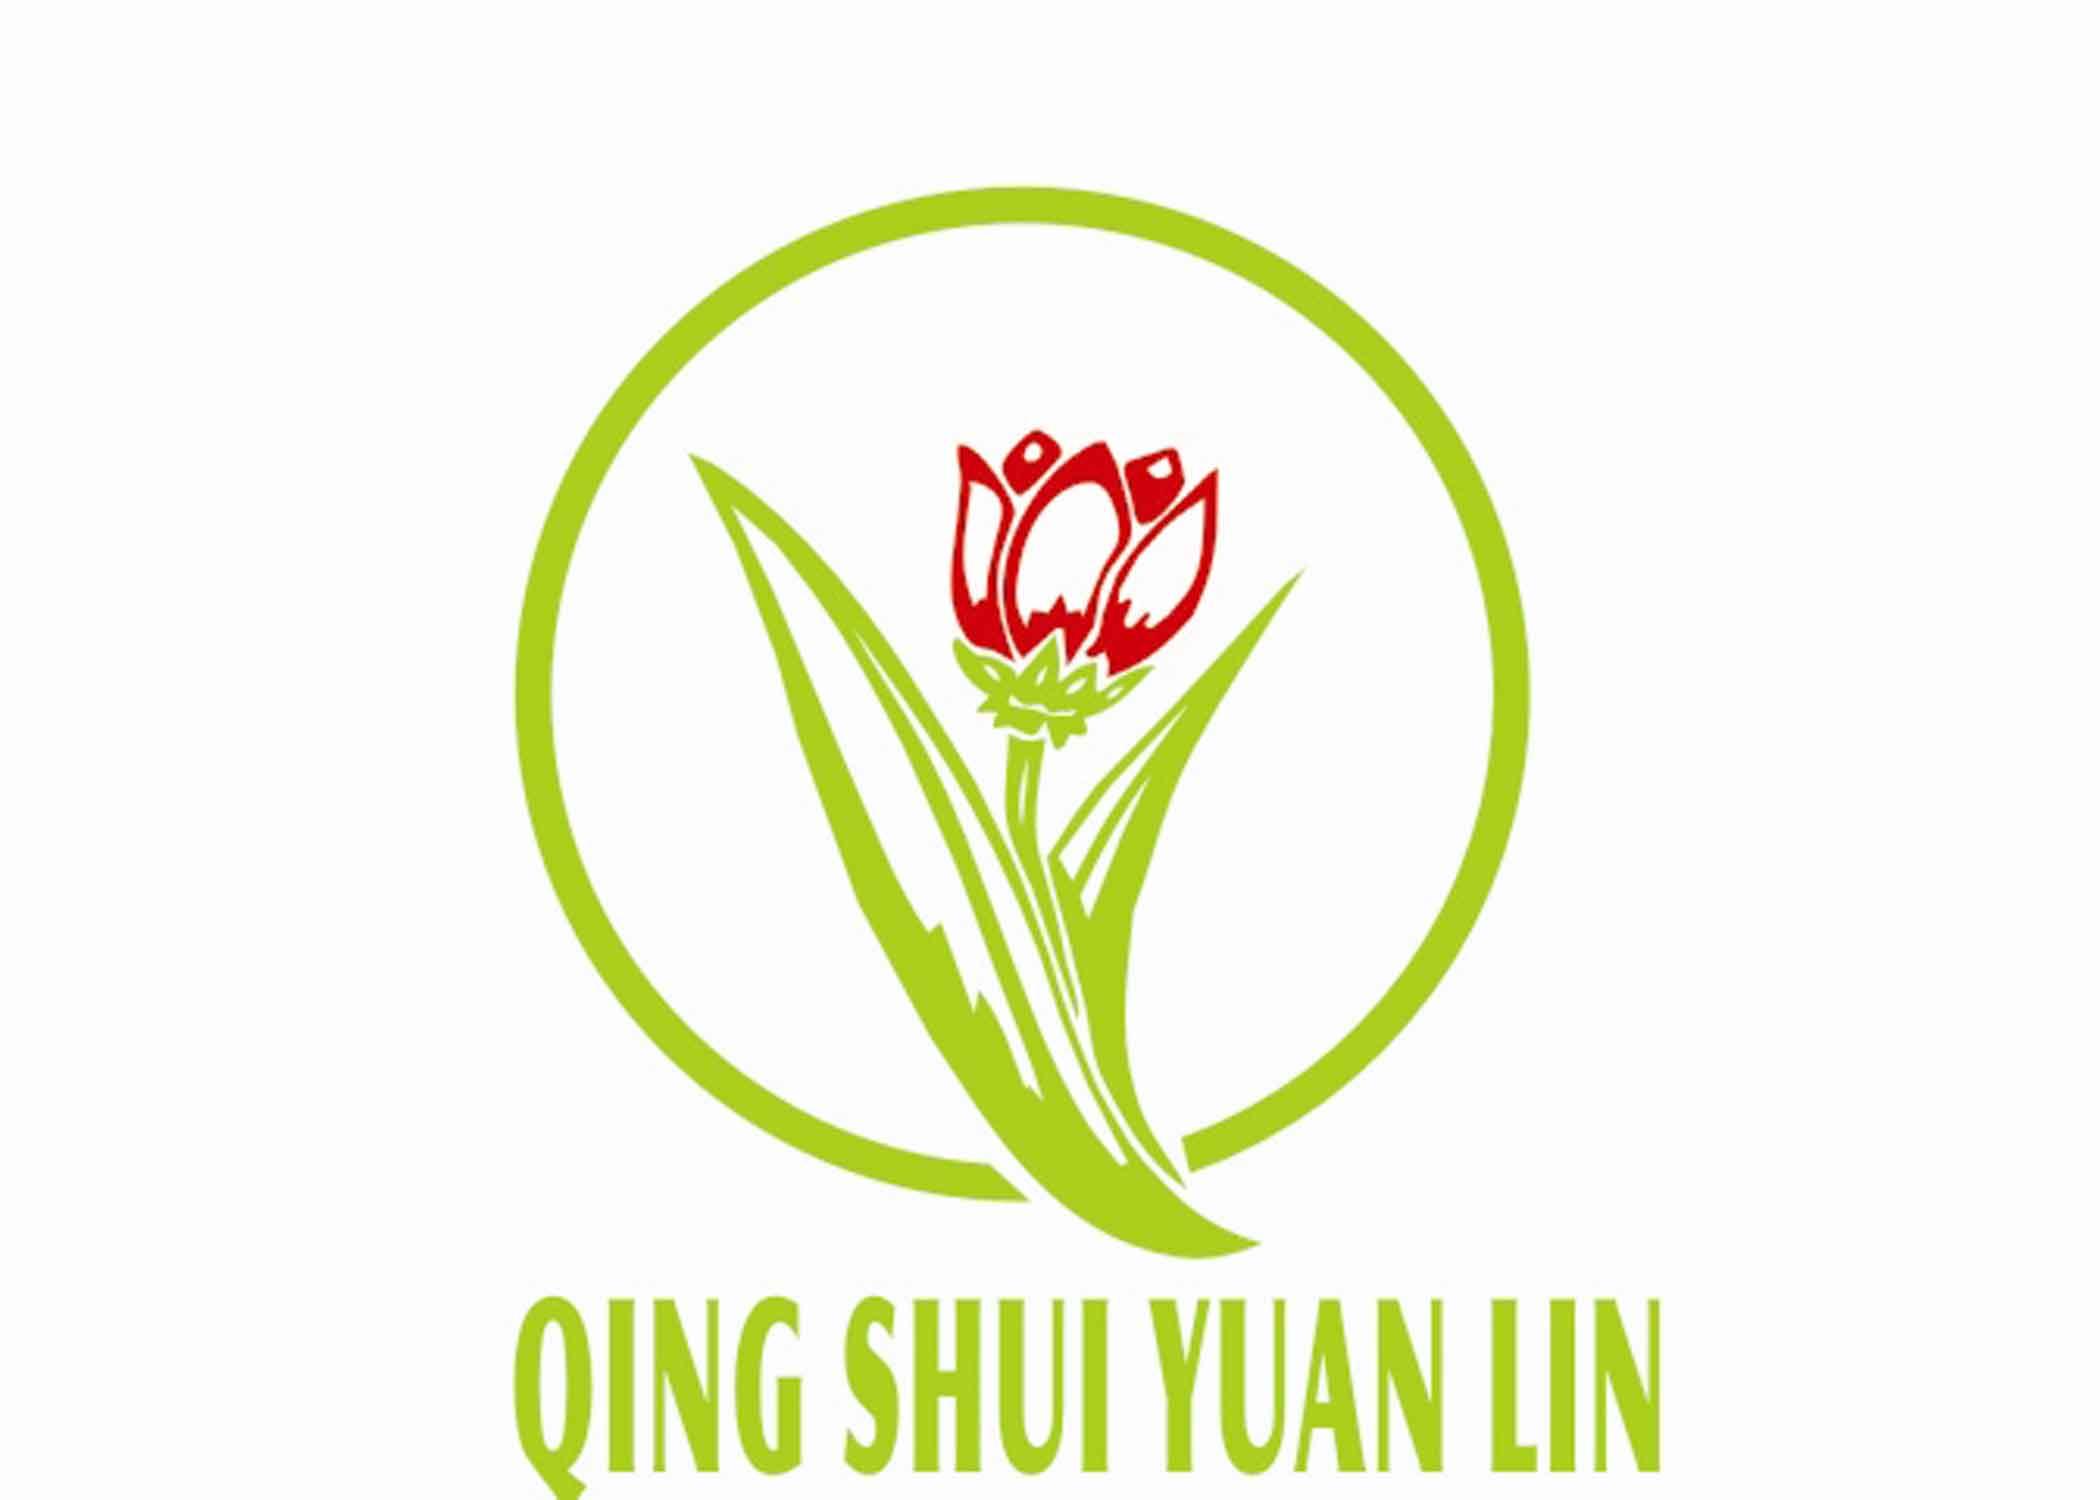 芜湖清水园林绿化工程有限公司